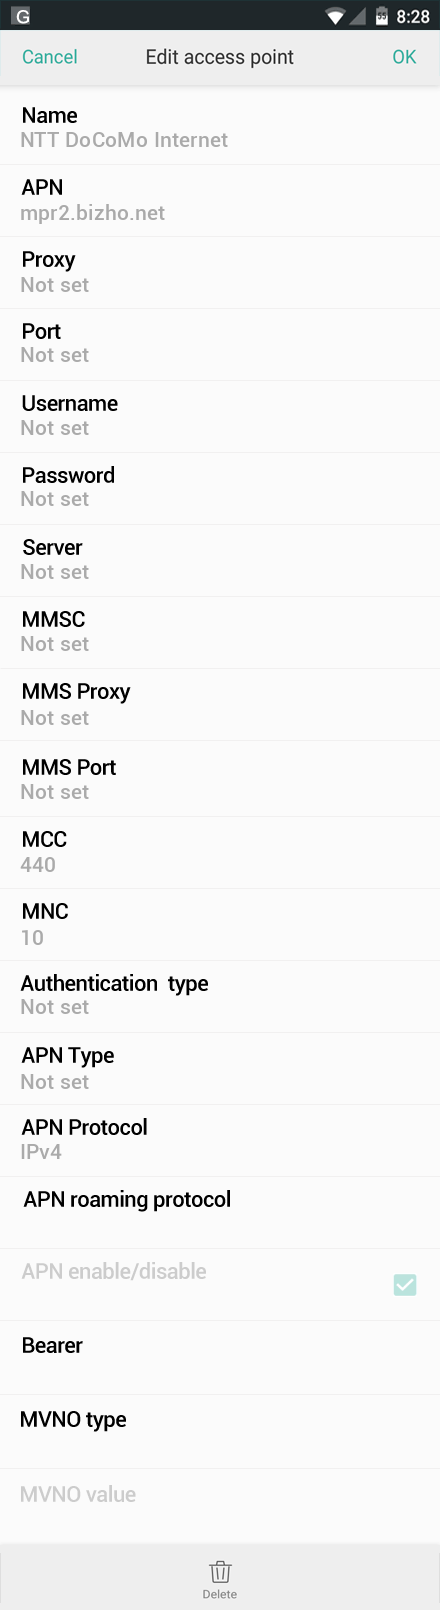 NTT DoCoMo Internet APN settings for Oppo screenshot